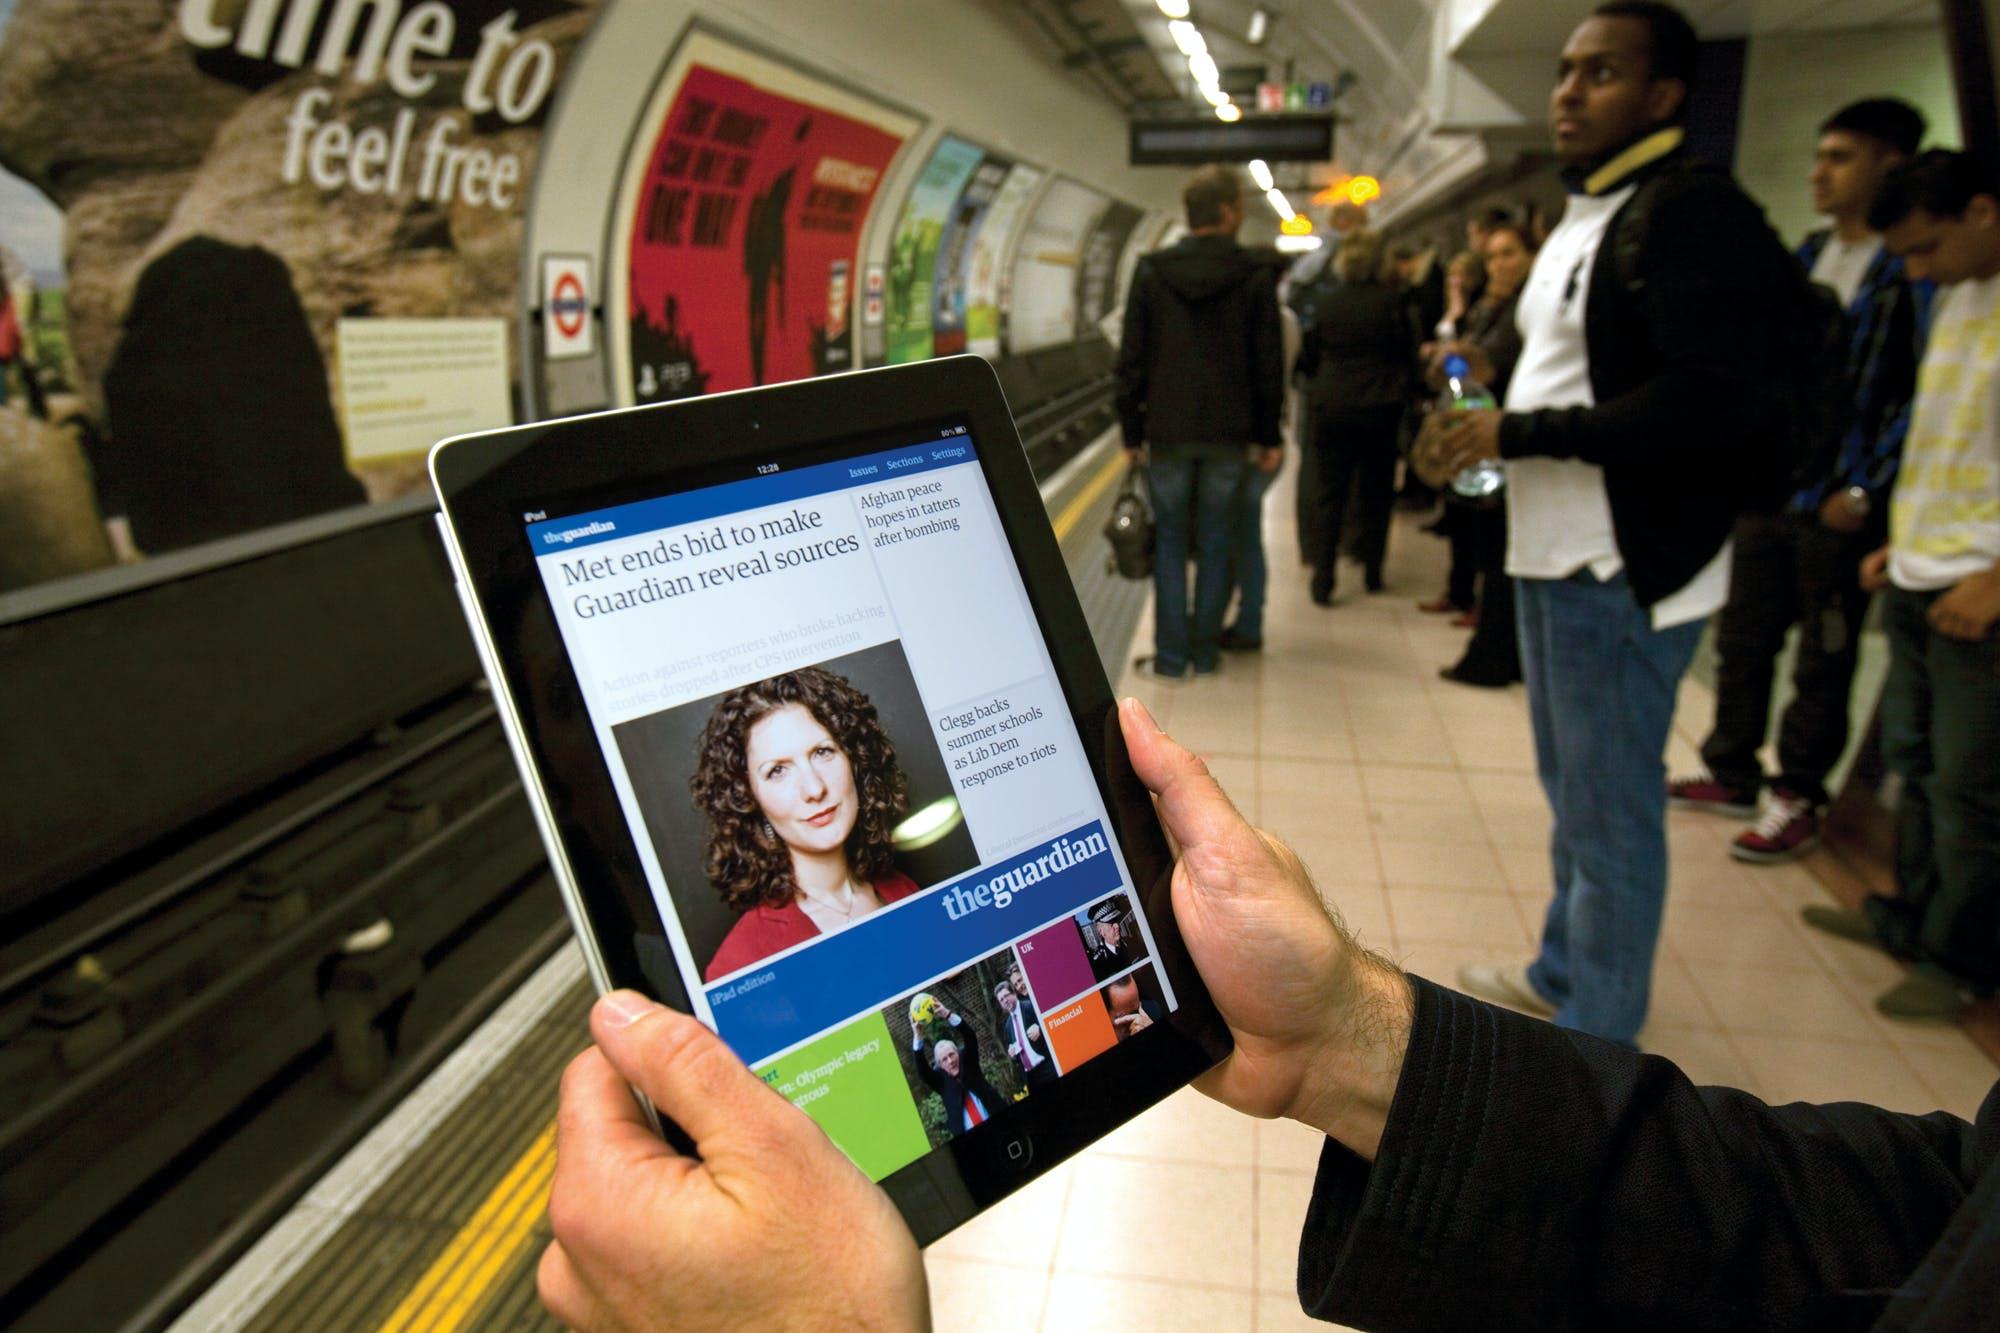 guardian-ipad-2013-fullwidth